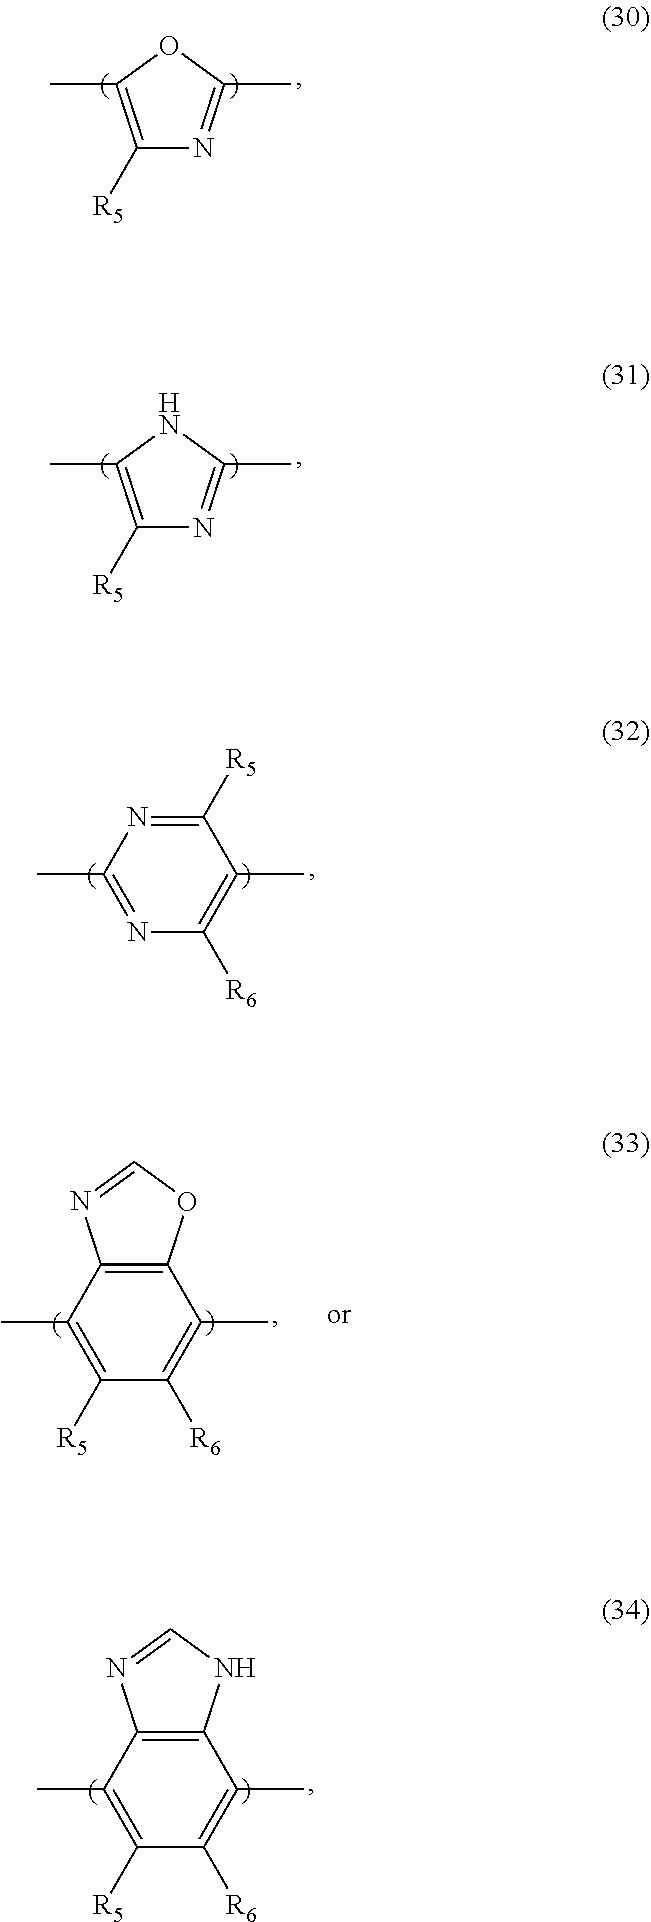 Figure US09123895-20150901-C00008